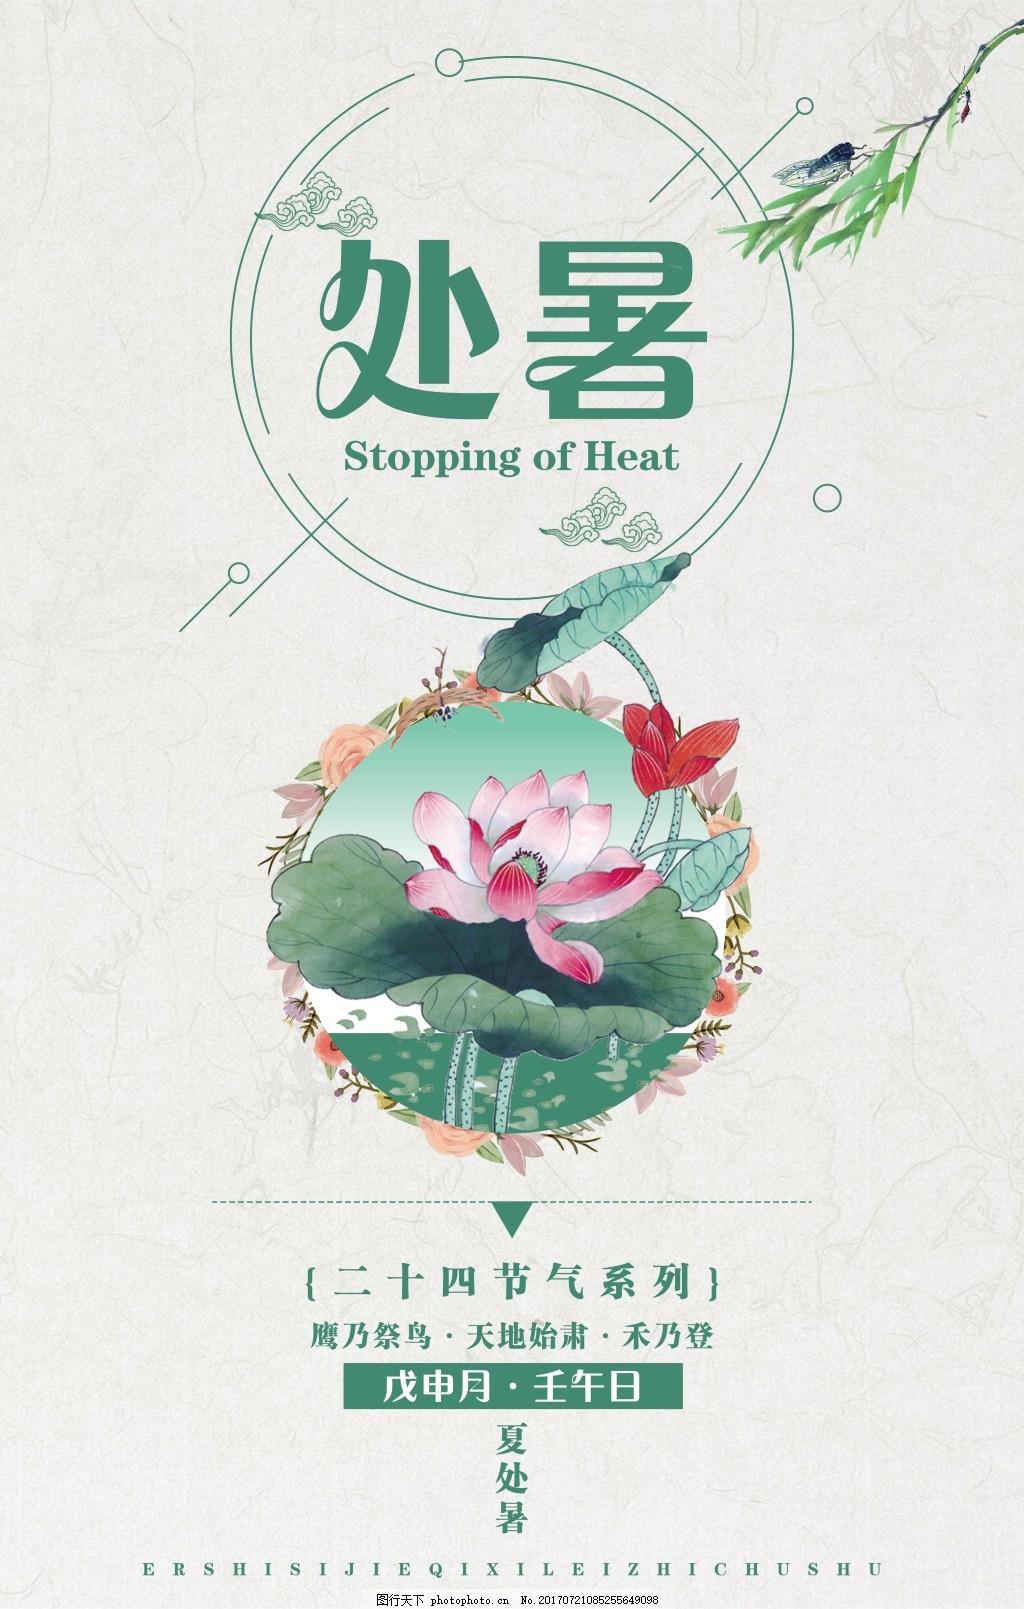 二十四节气-处暑海报设计 二十四节气处暑海报设计 传统节气 单页